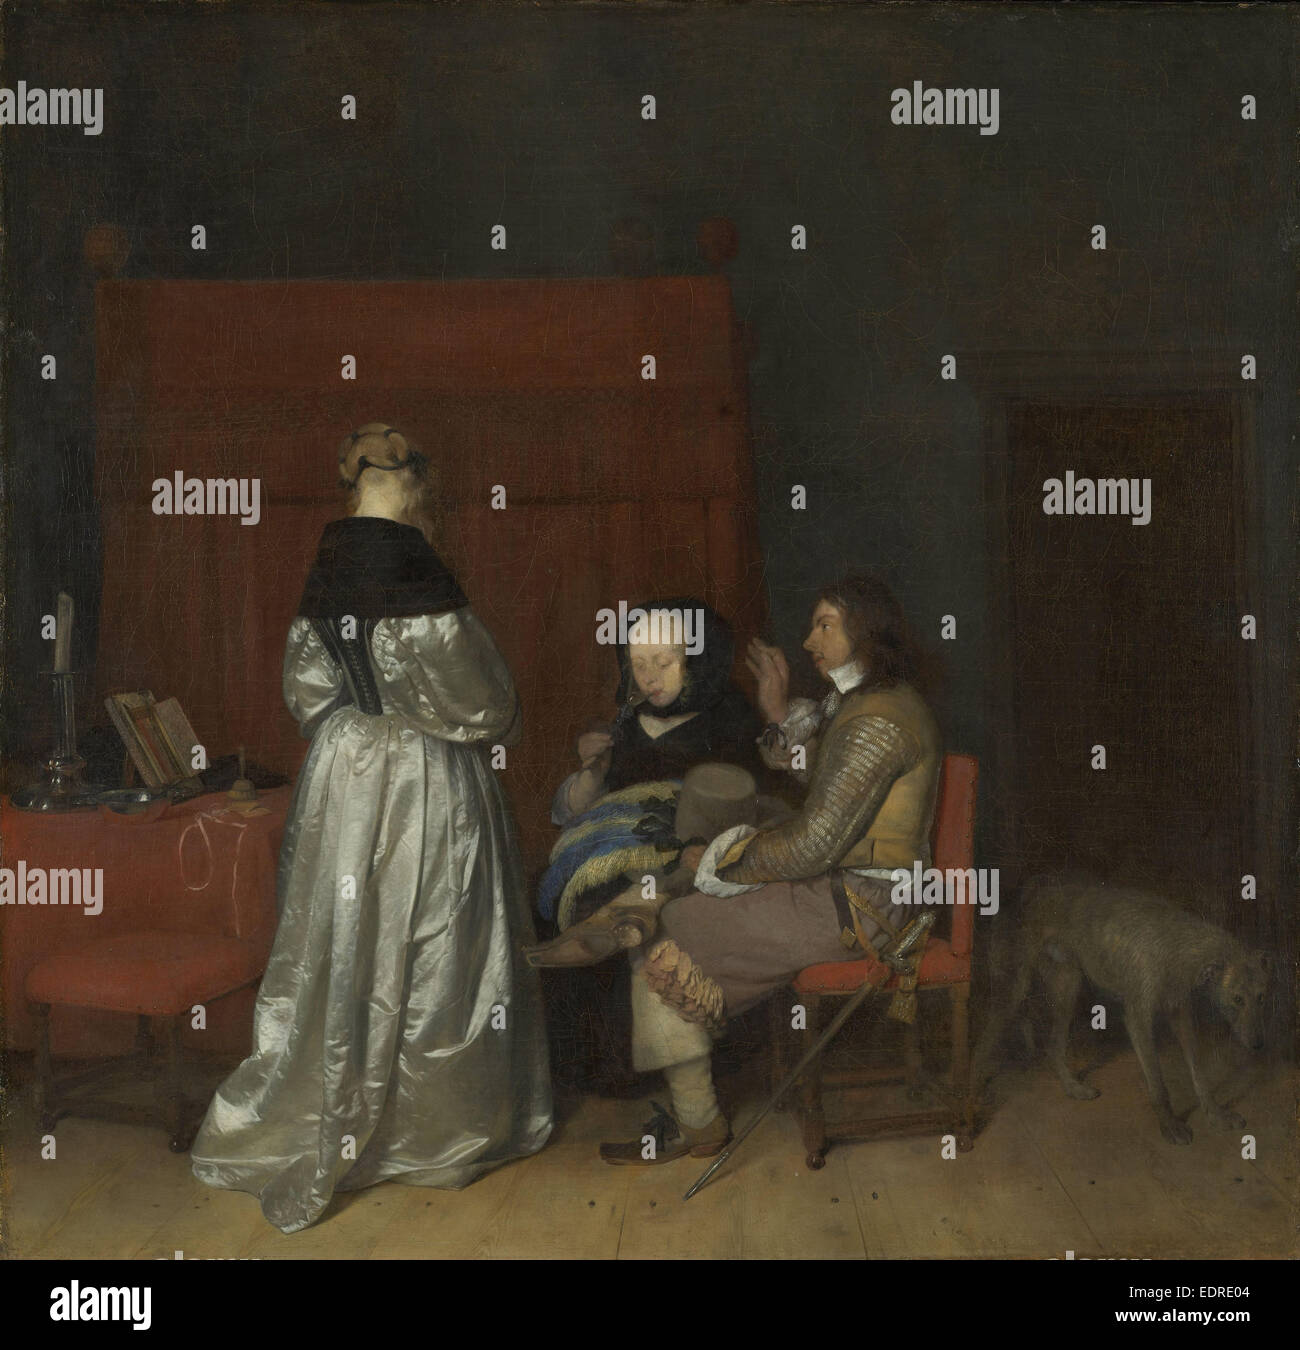 Conversazione galante, noto come 'la paterna ammonizione', Gerard ter Borch (II), c. 1654 Immagini Stock